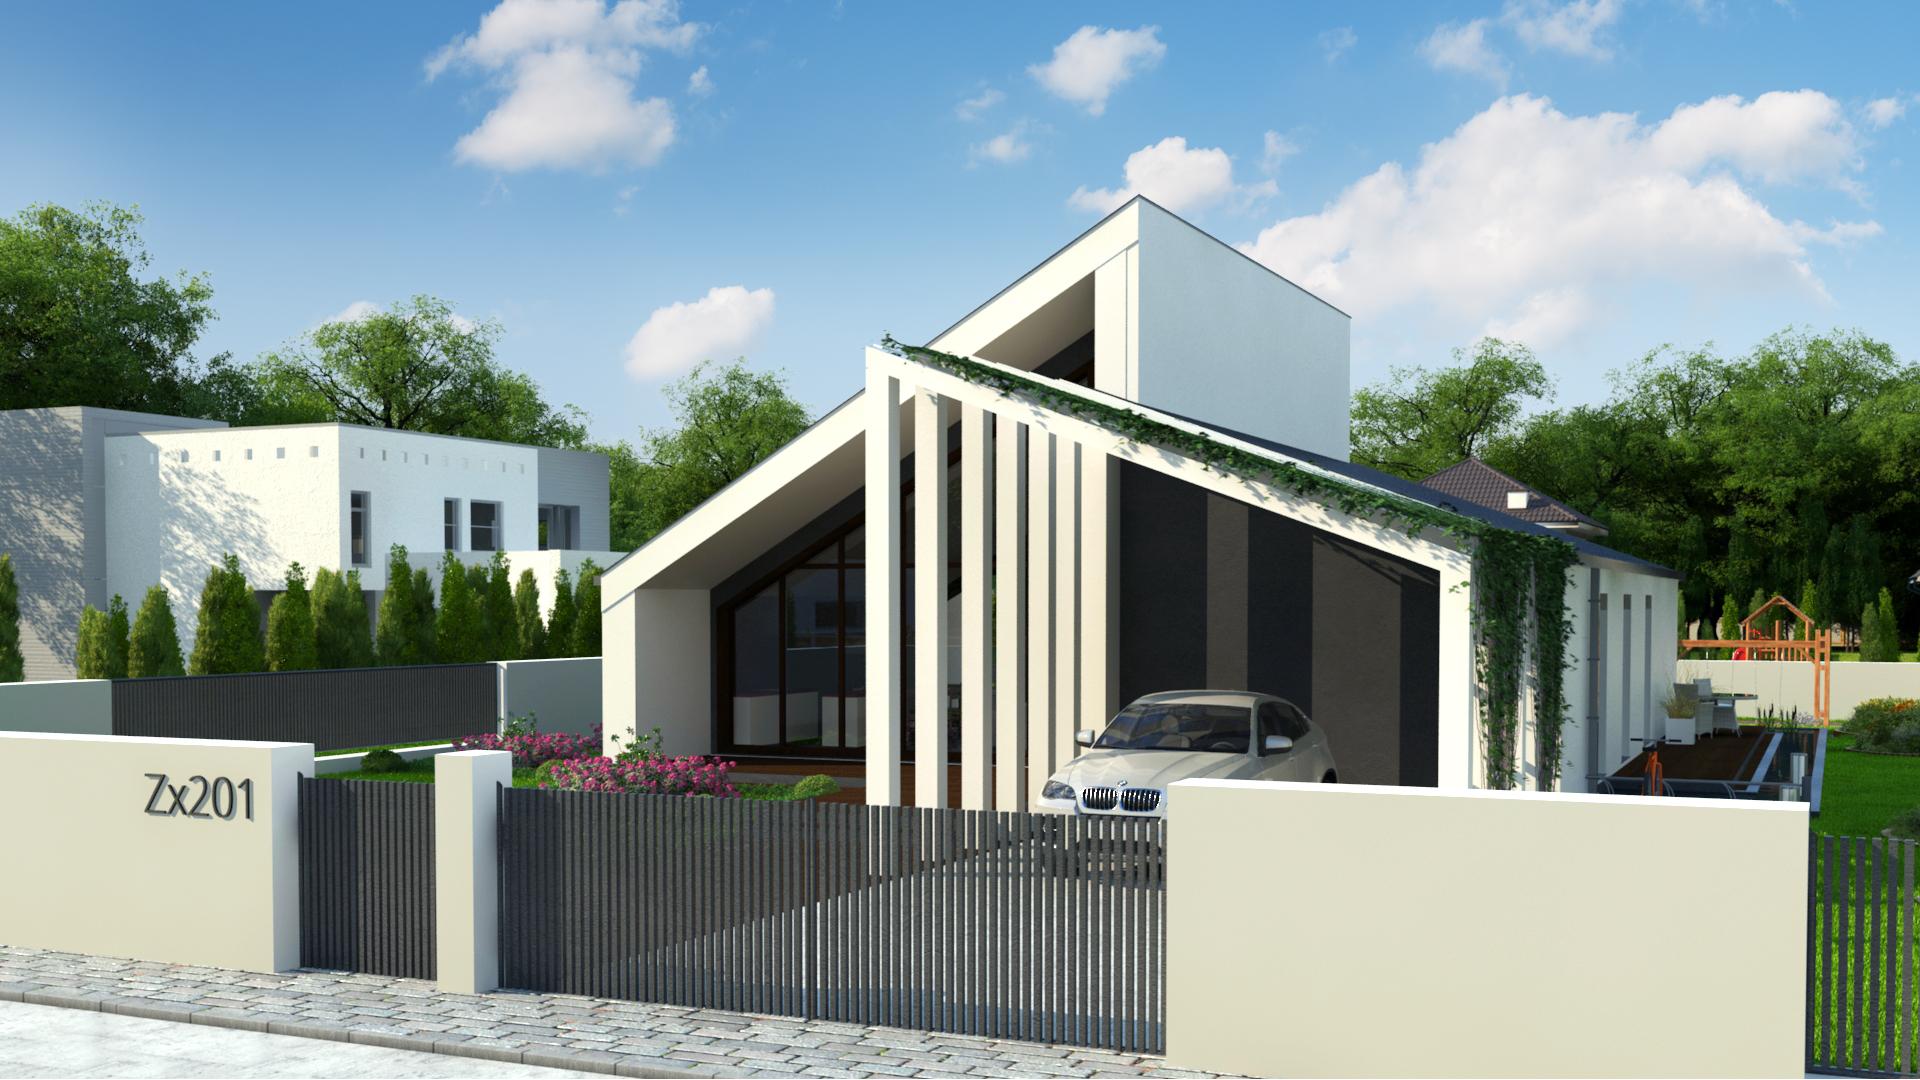 Проект дома Zx201+ - 1